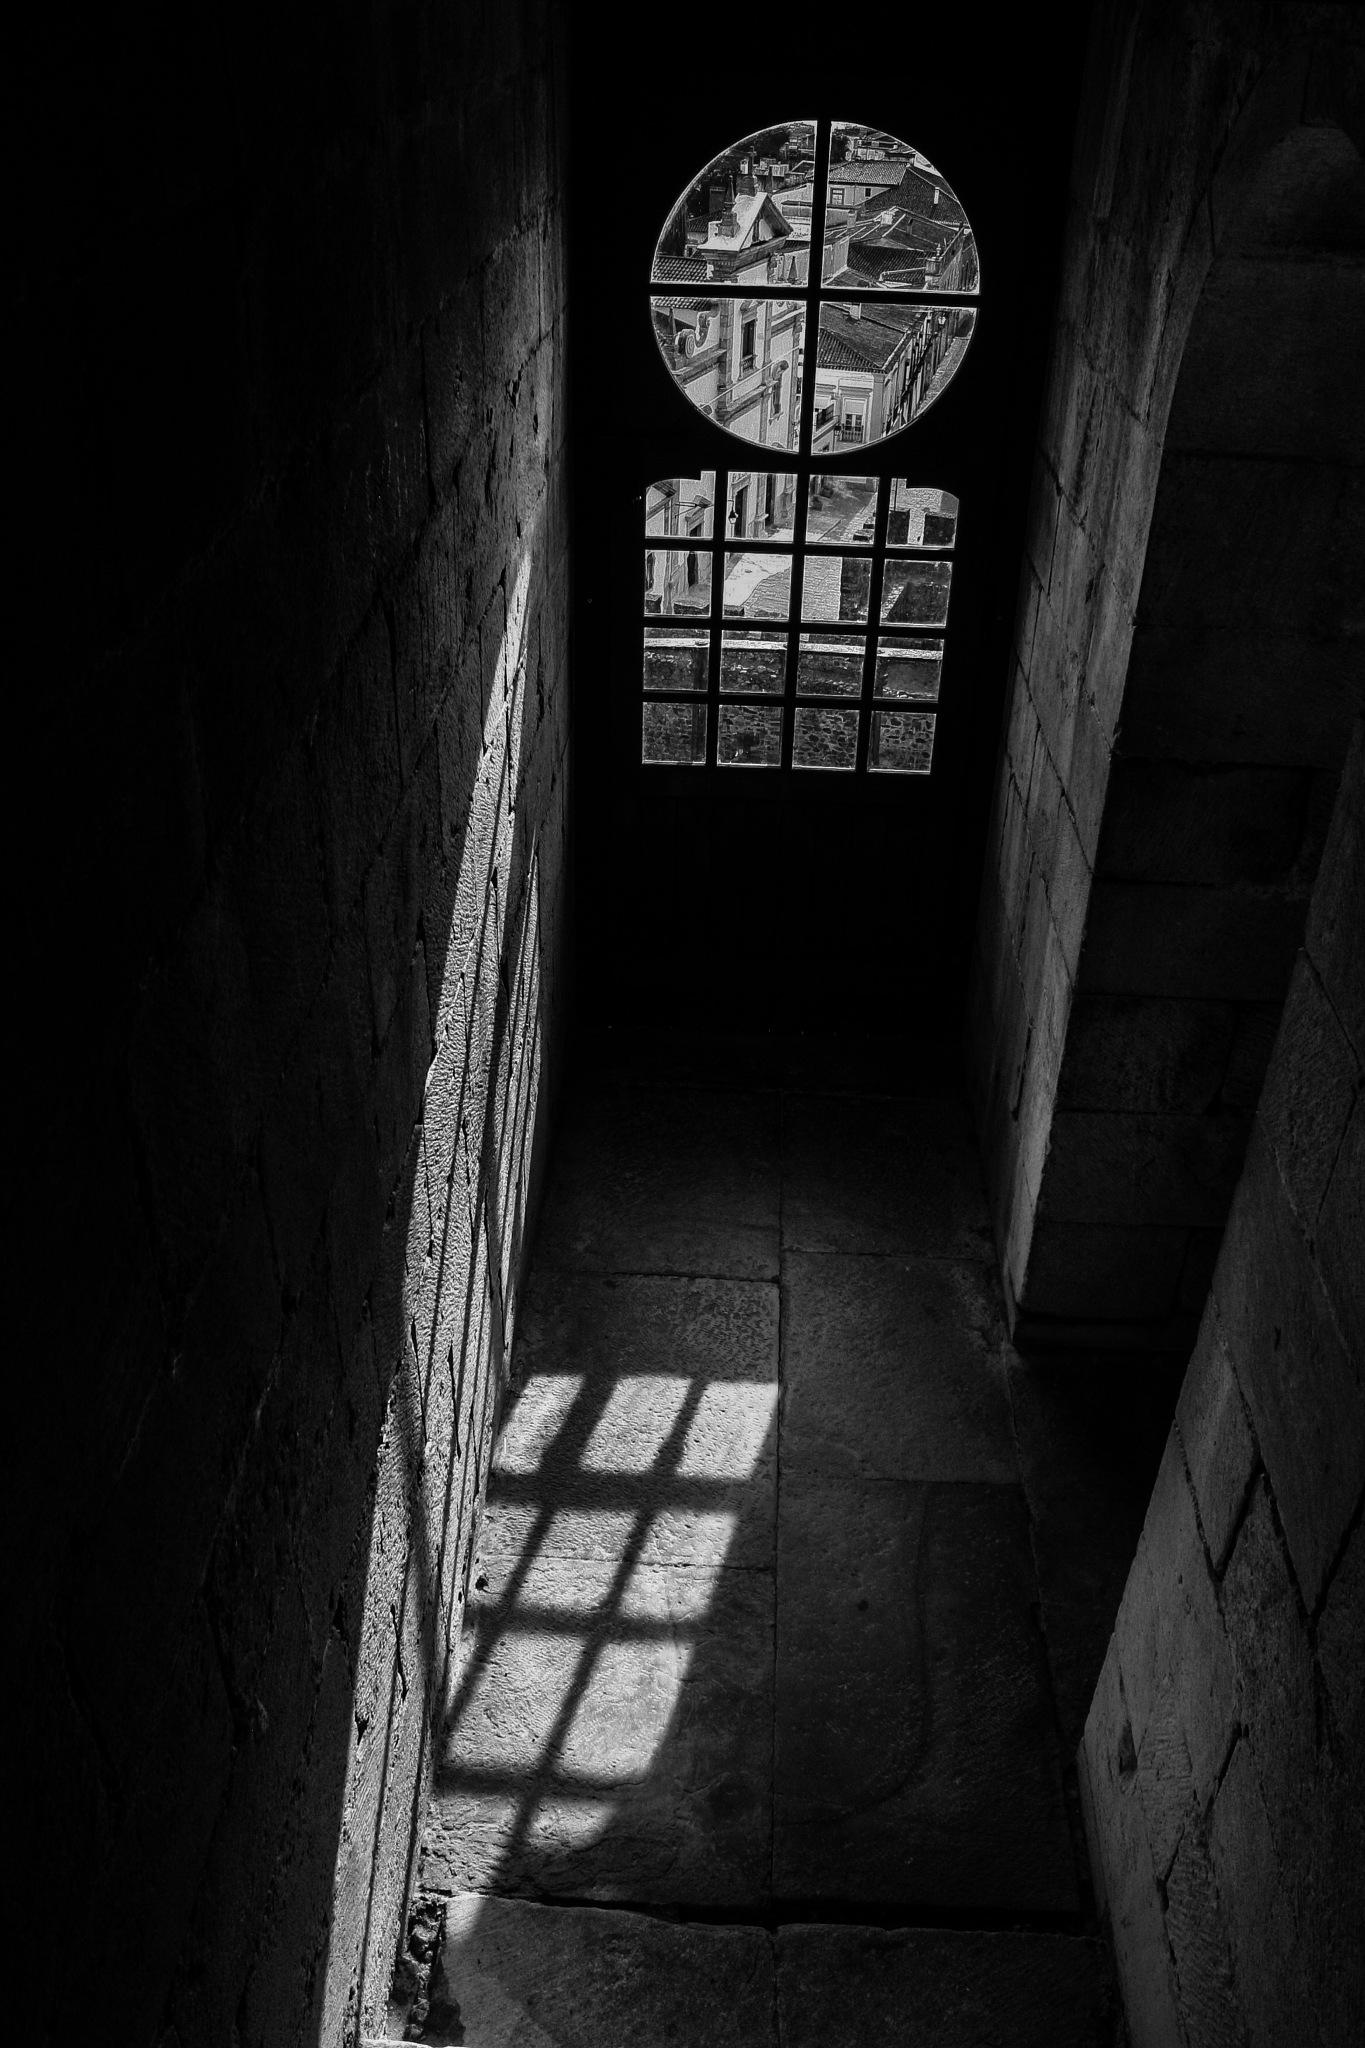 janela do castelo de Beja by AMPMARTINS